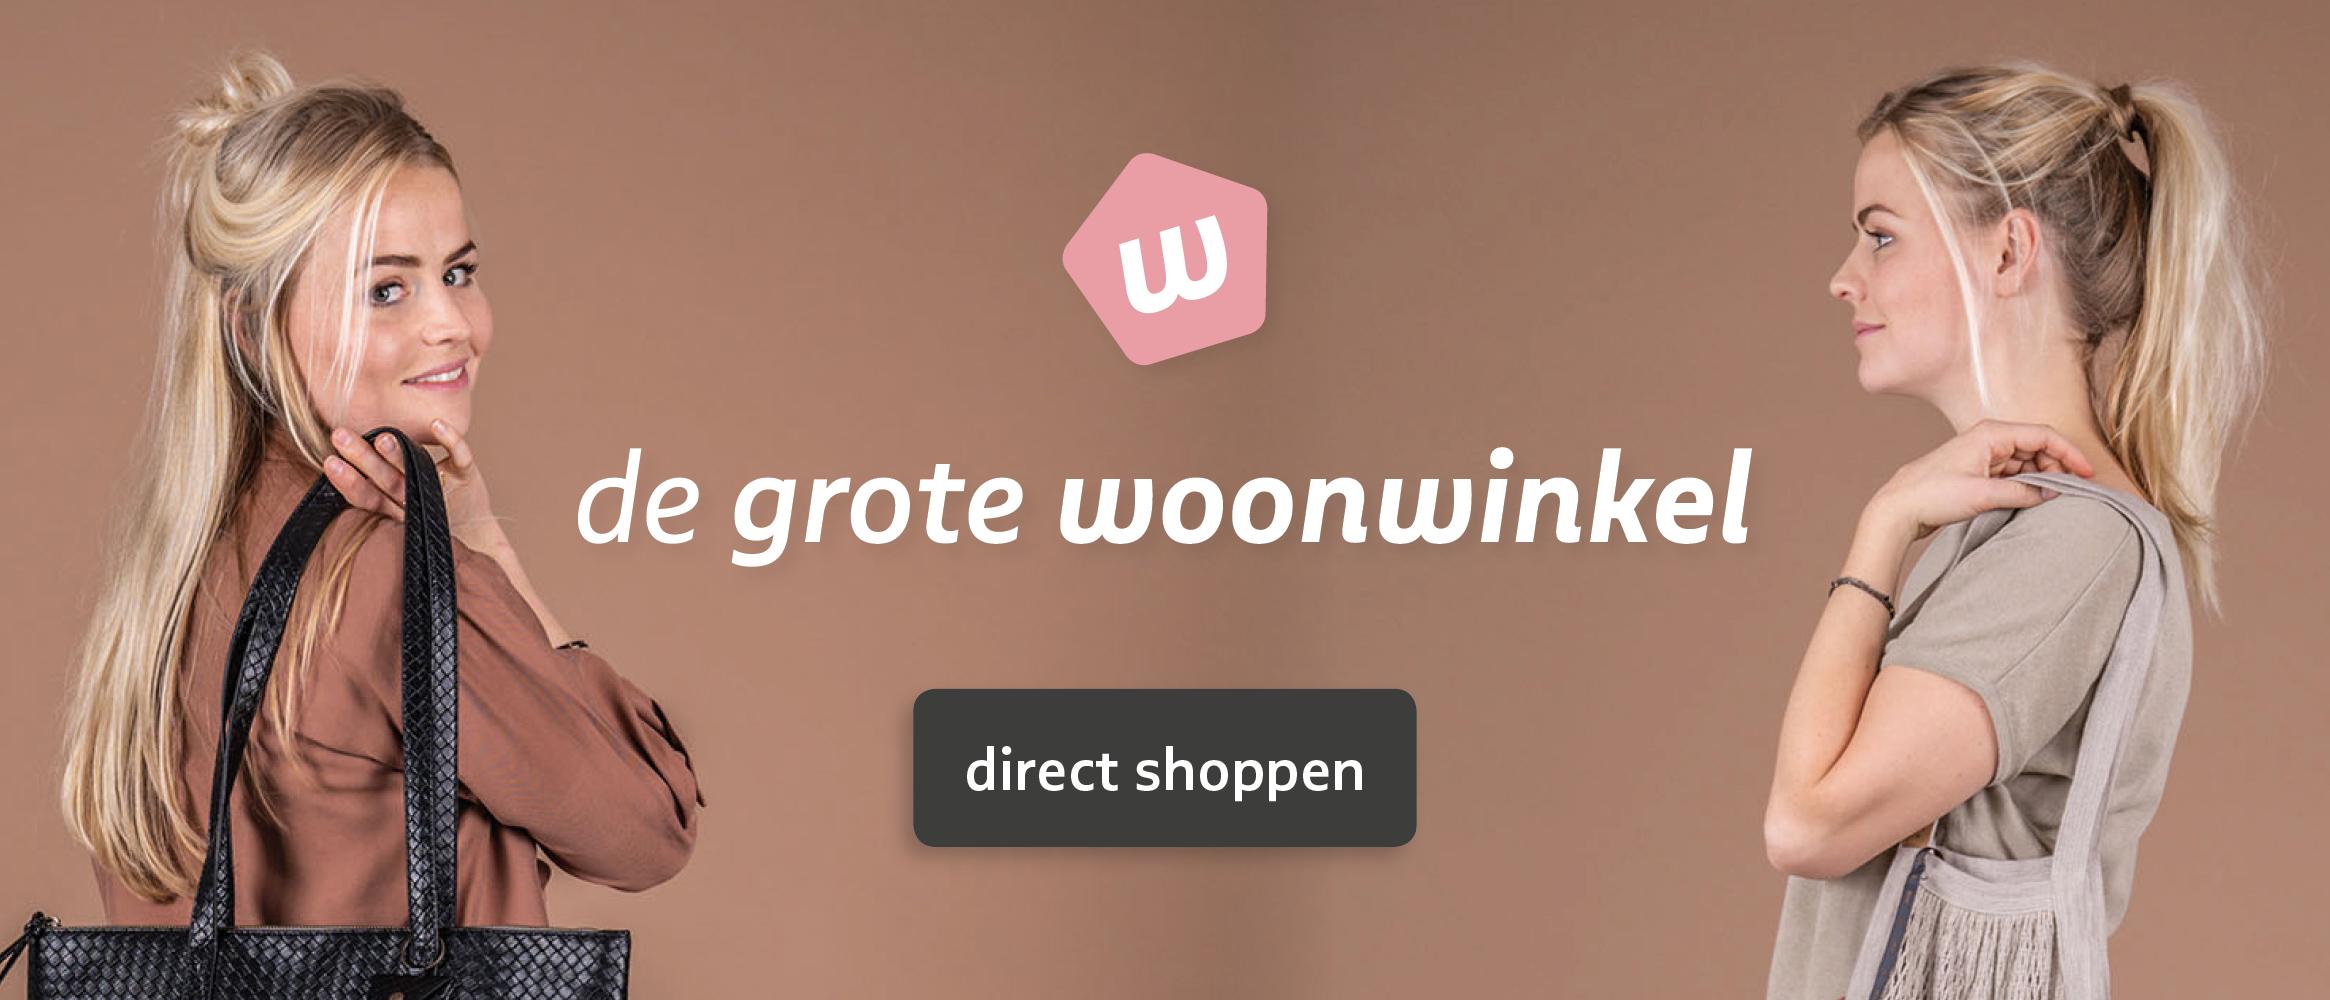 Logo of Degrotewoonwinkel.nl